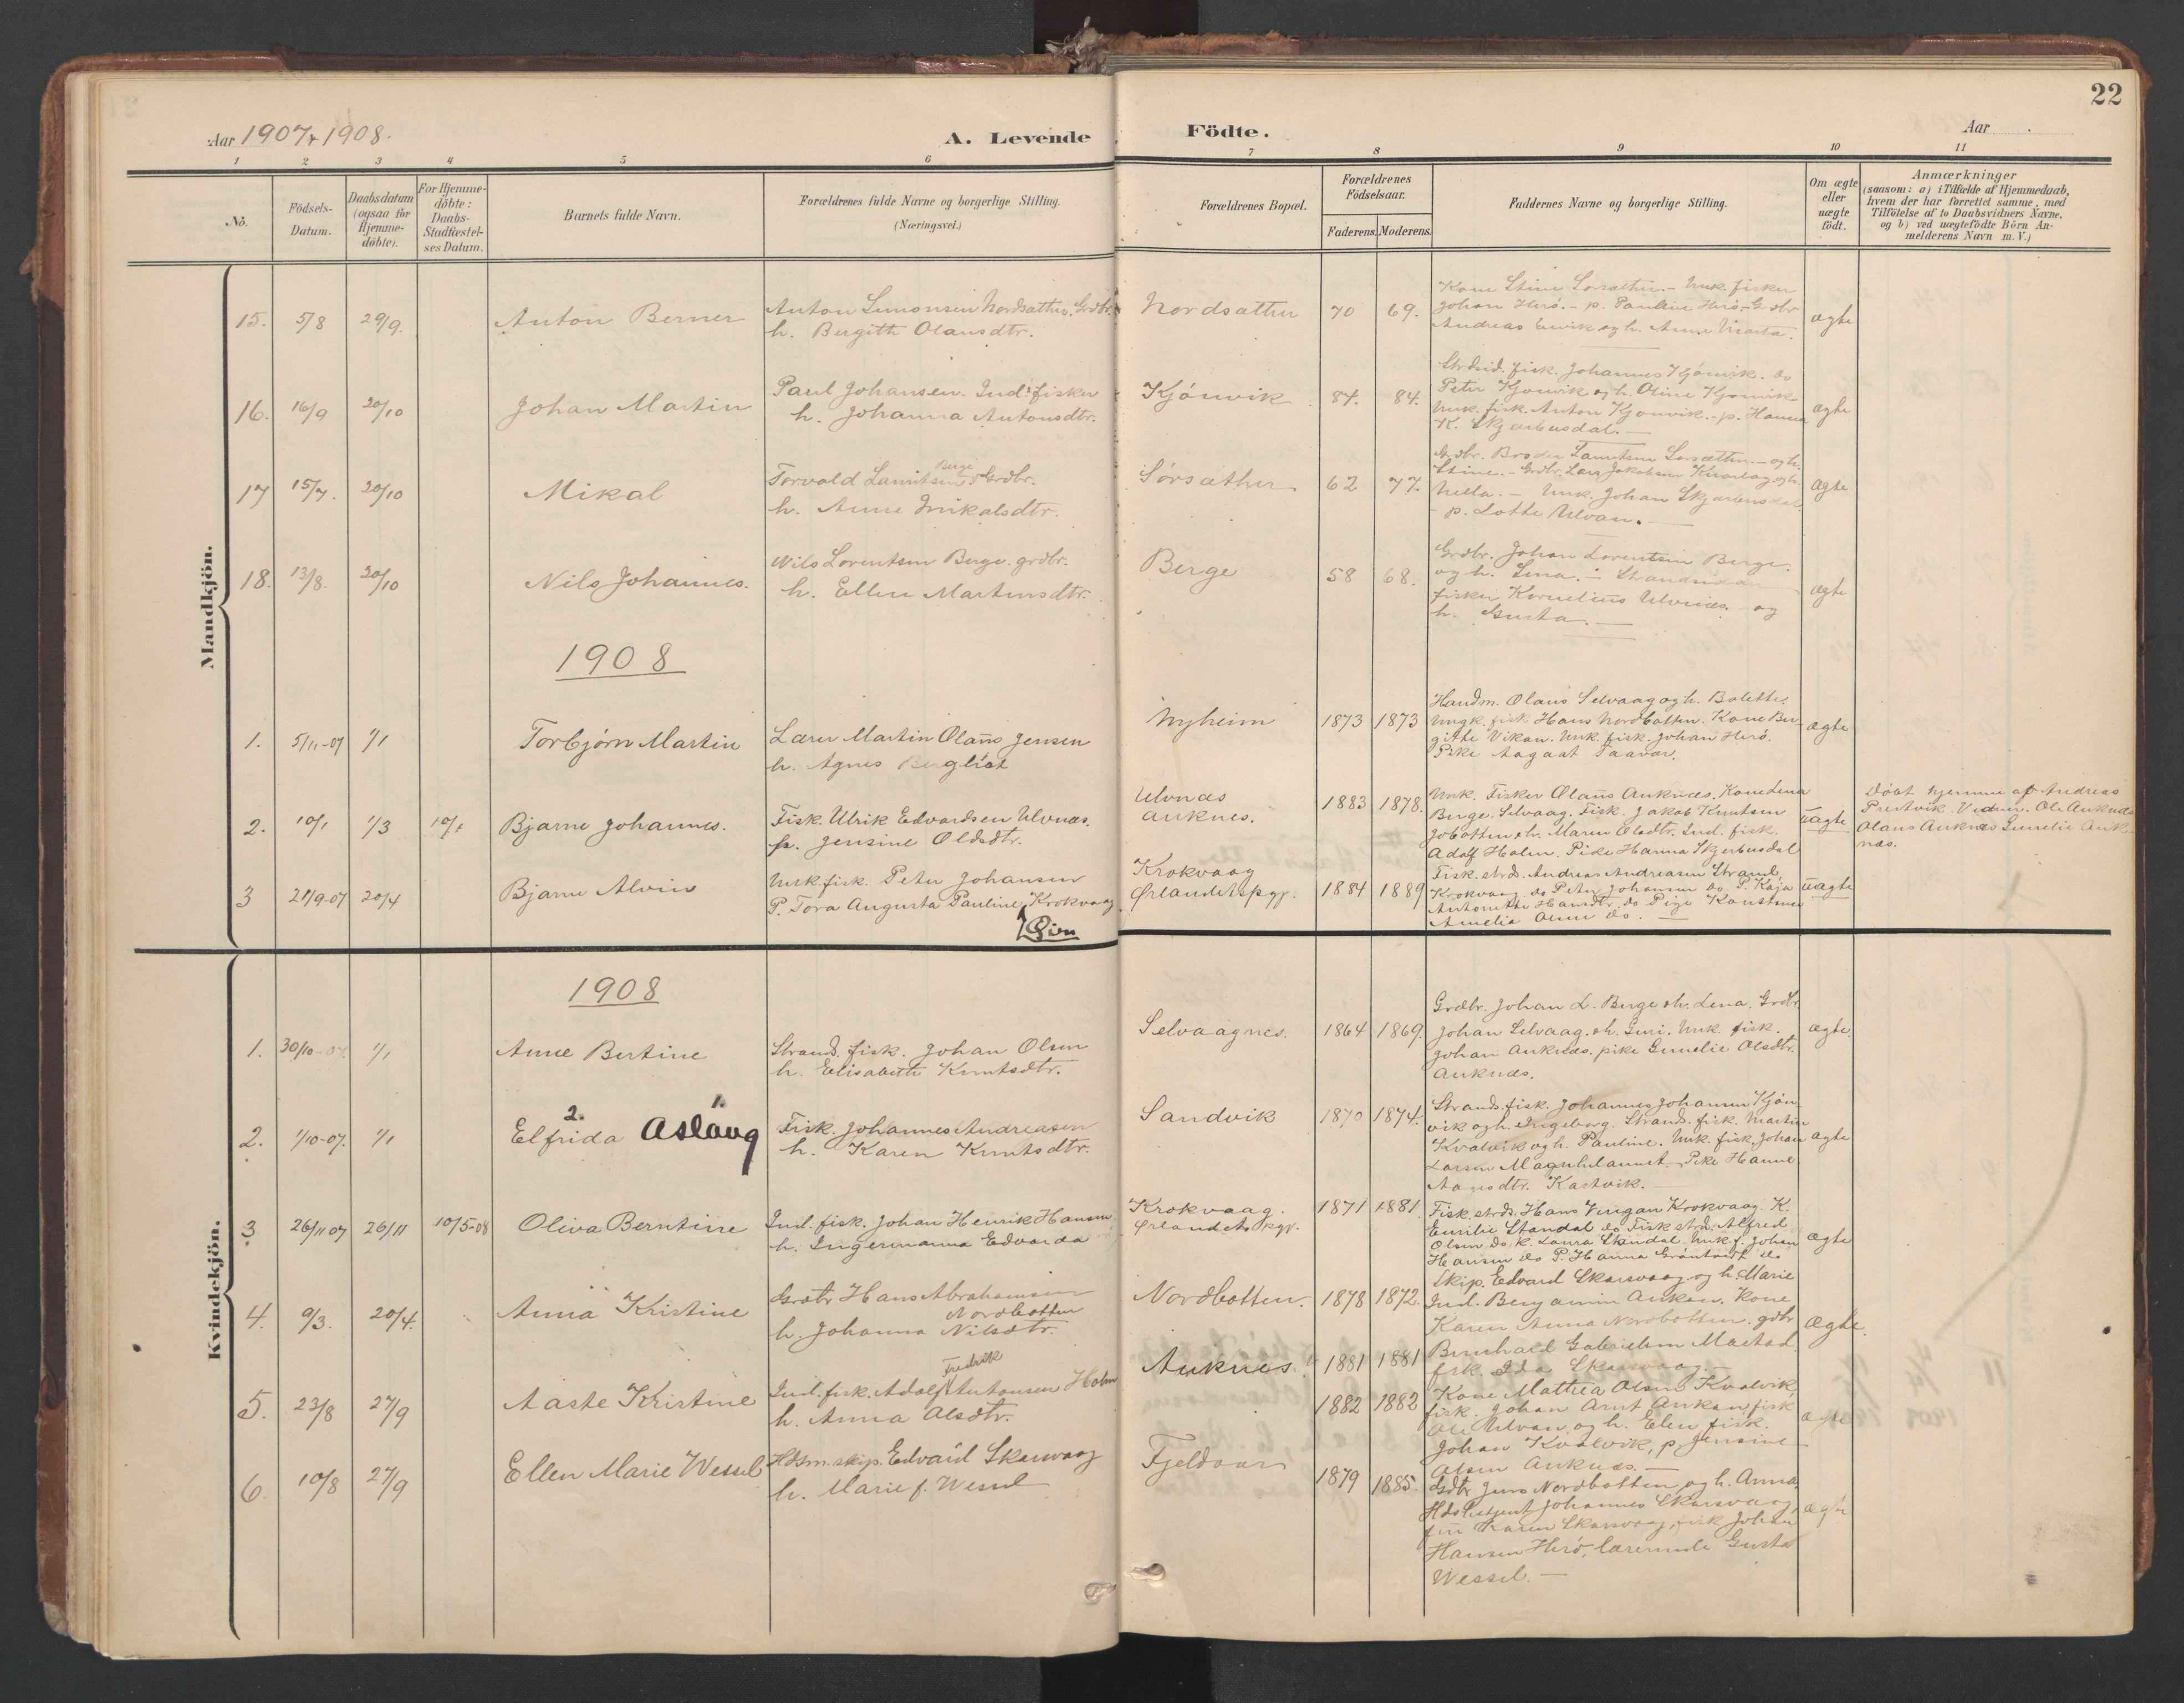 SAT, Ministerialprotokoller, klokkerbøker og fødselsregistre - Sør-Trøndelag, 638/L0568: Ministerialbok nr. 638A01, 1901-1916, s. 22